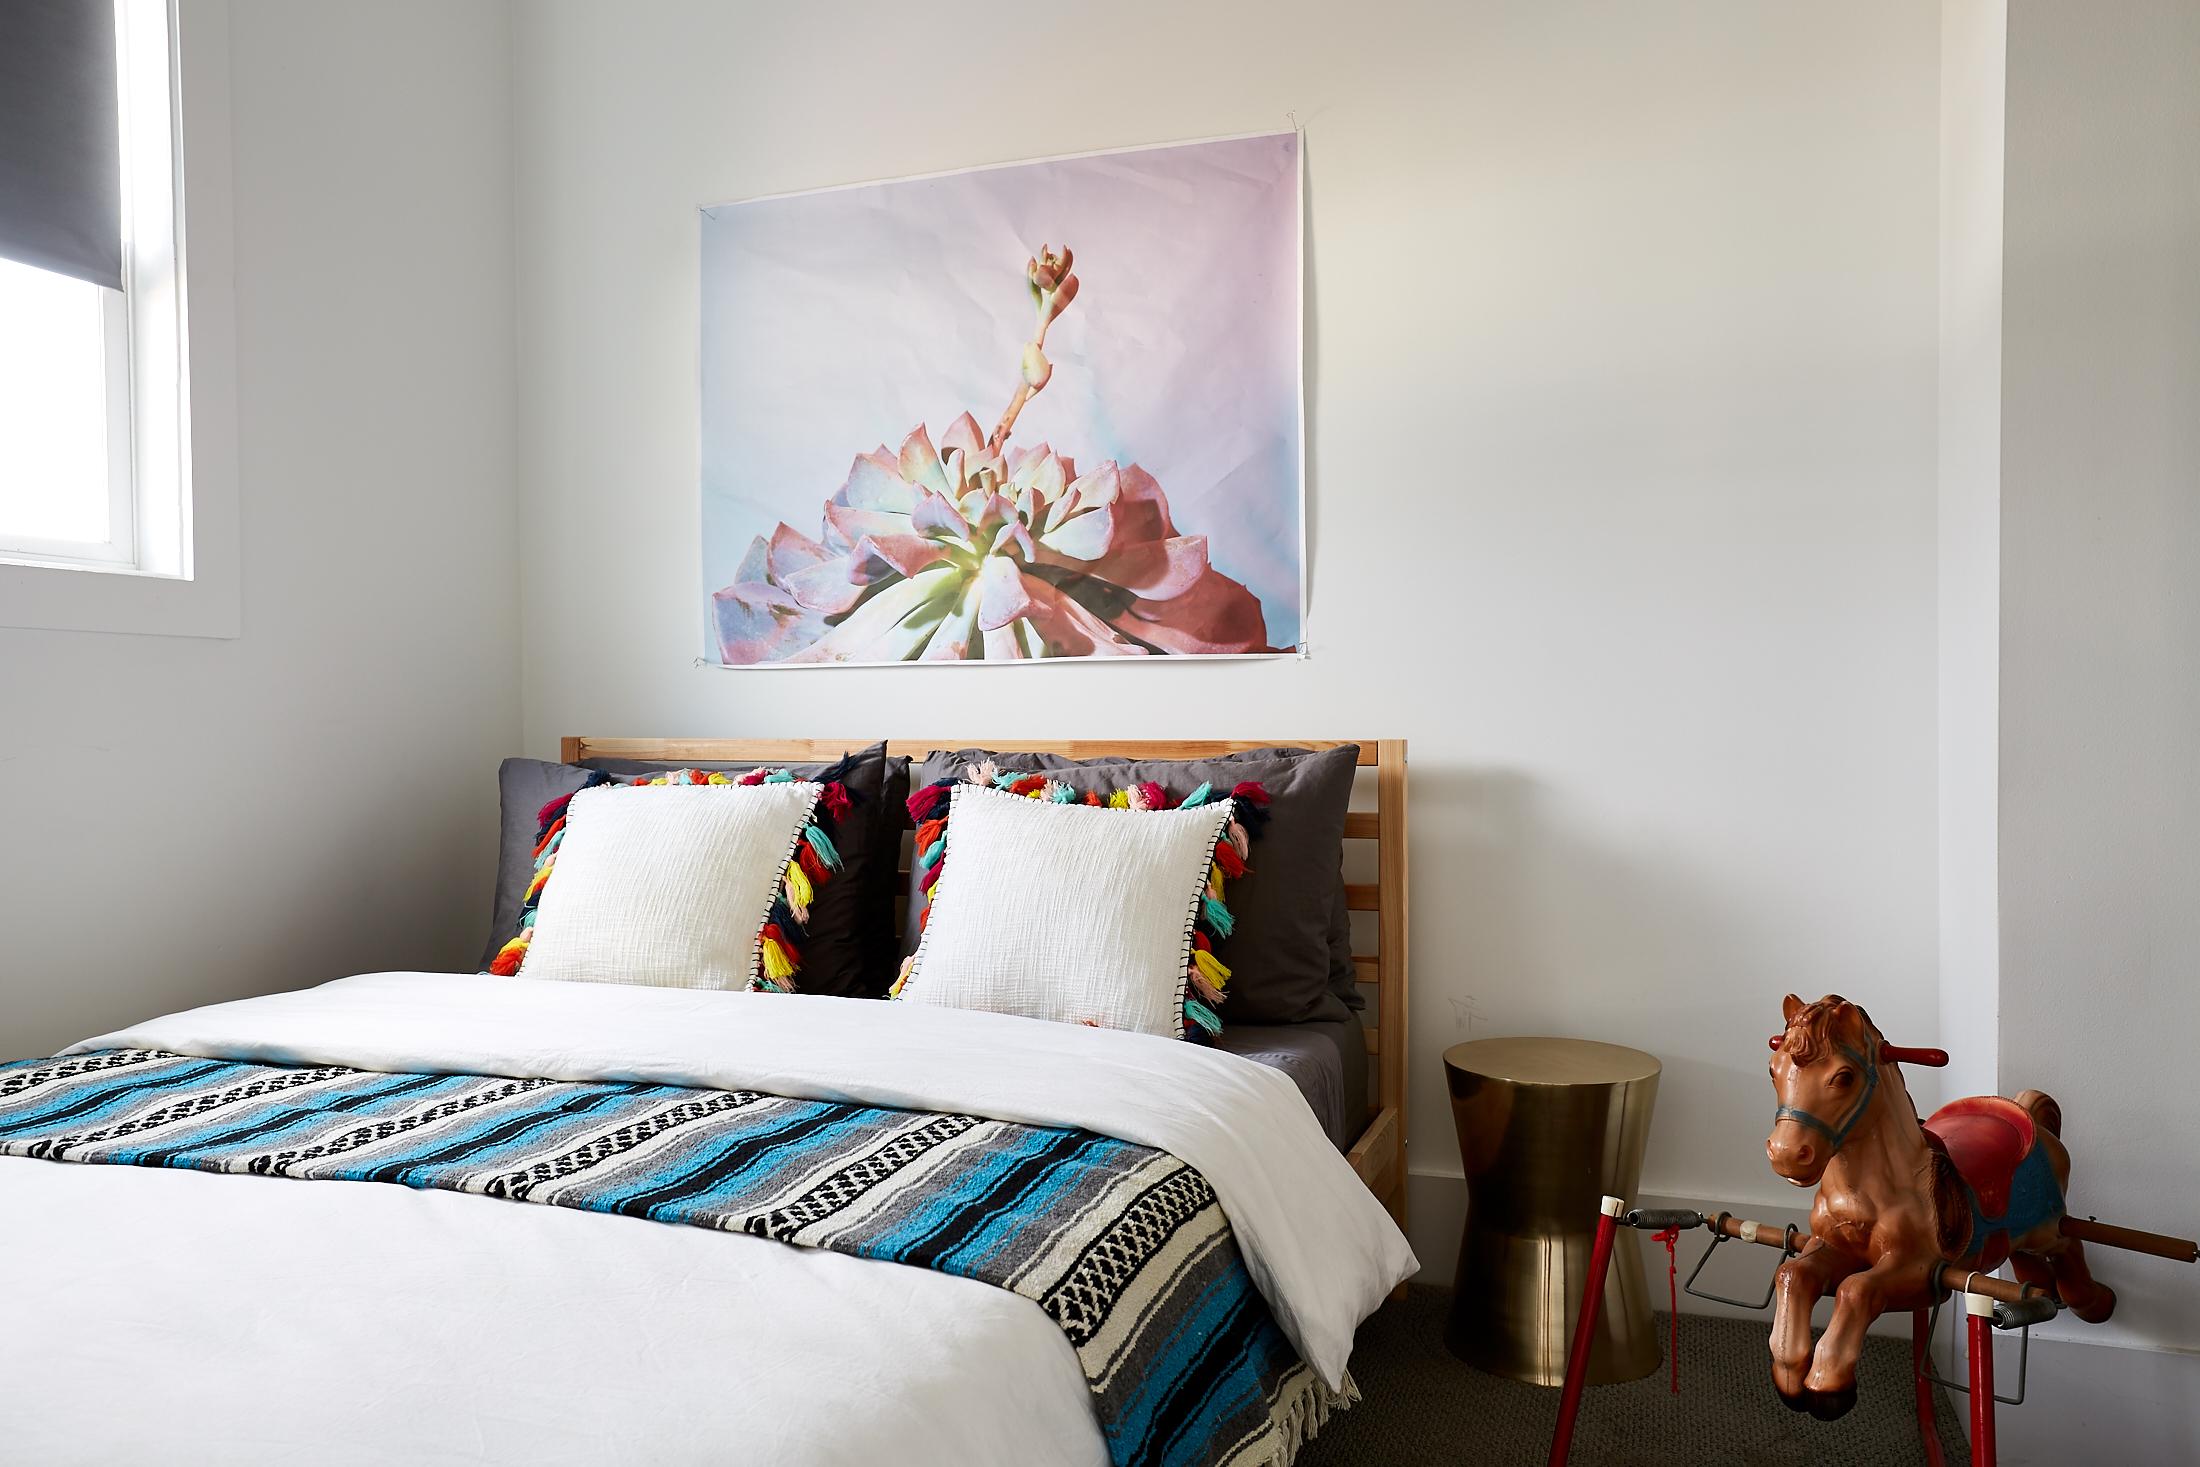 El_Motel_Bedroom_791.jpg